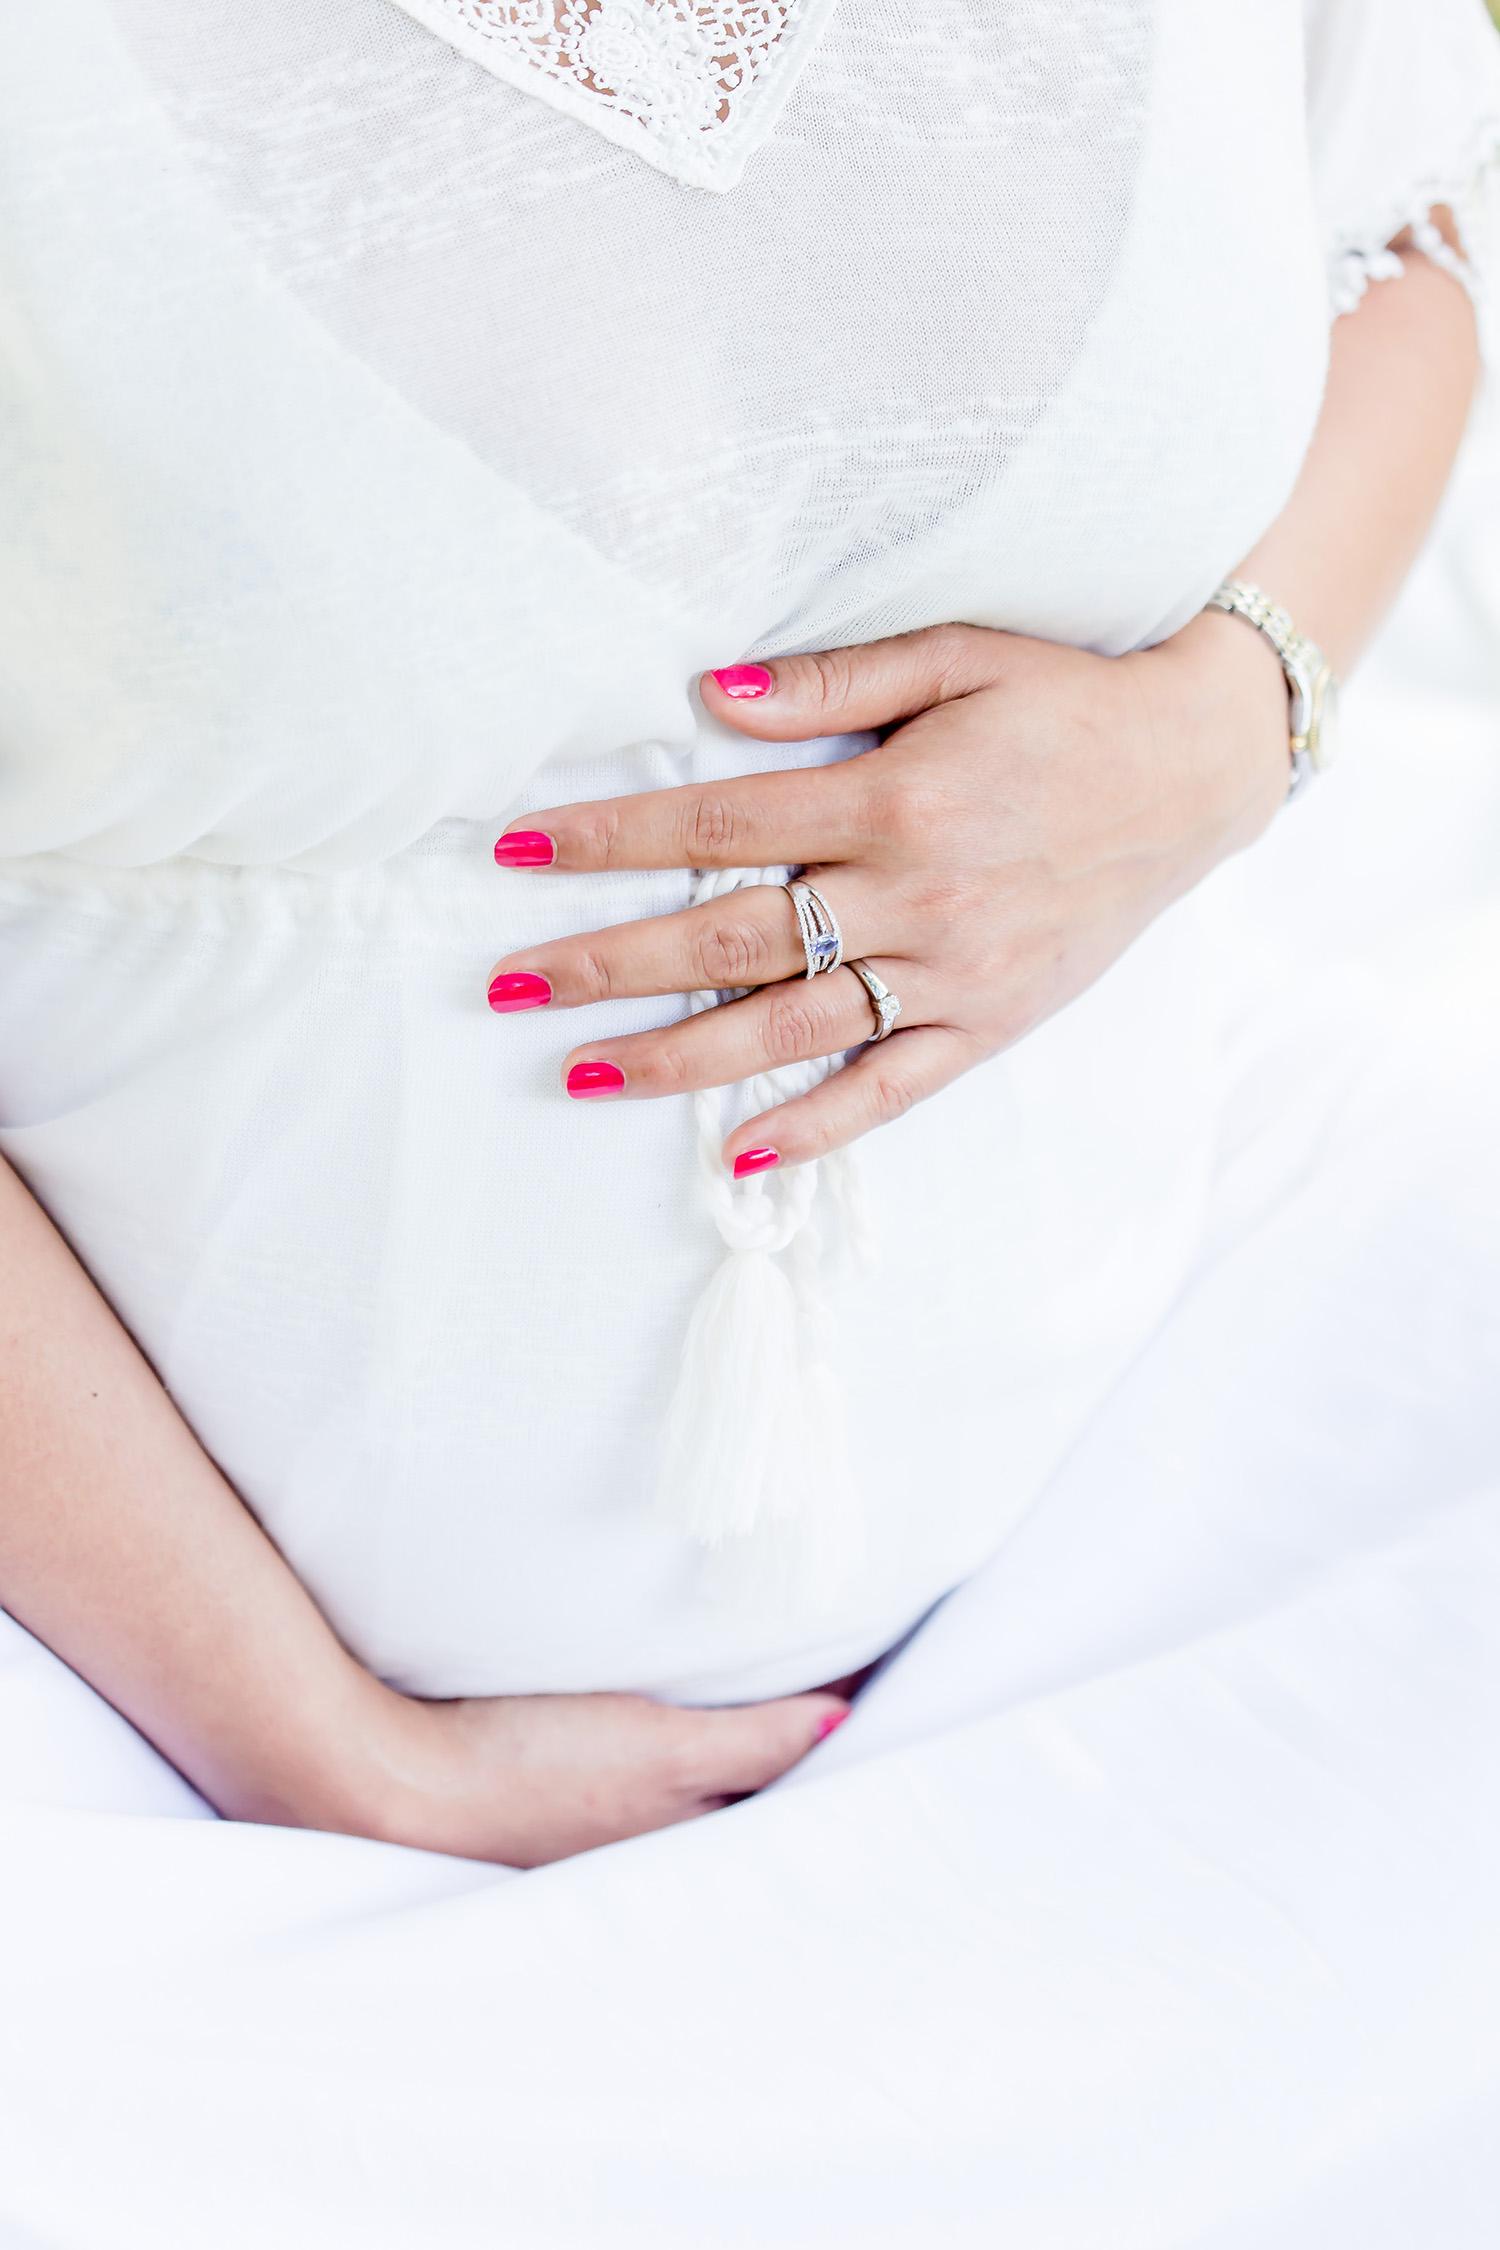 Babybauchfoto bzw Schwangerschaftsfoto in Cloppenburg